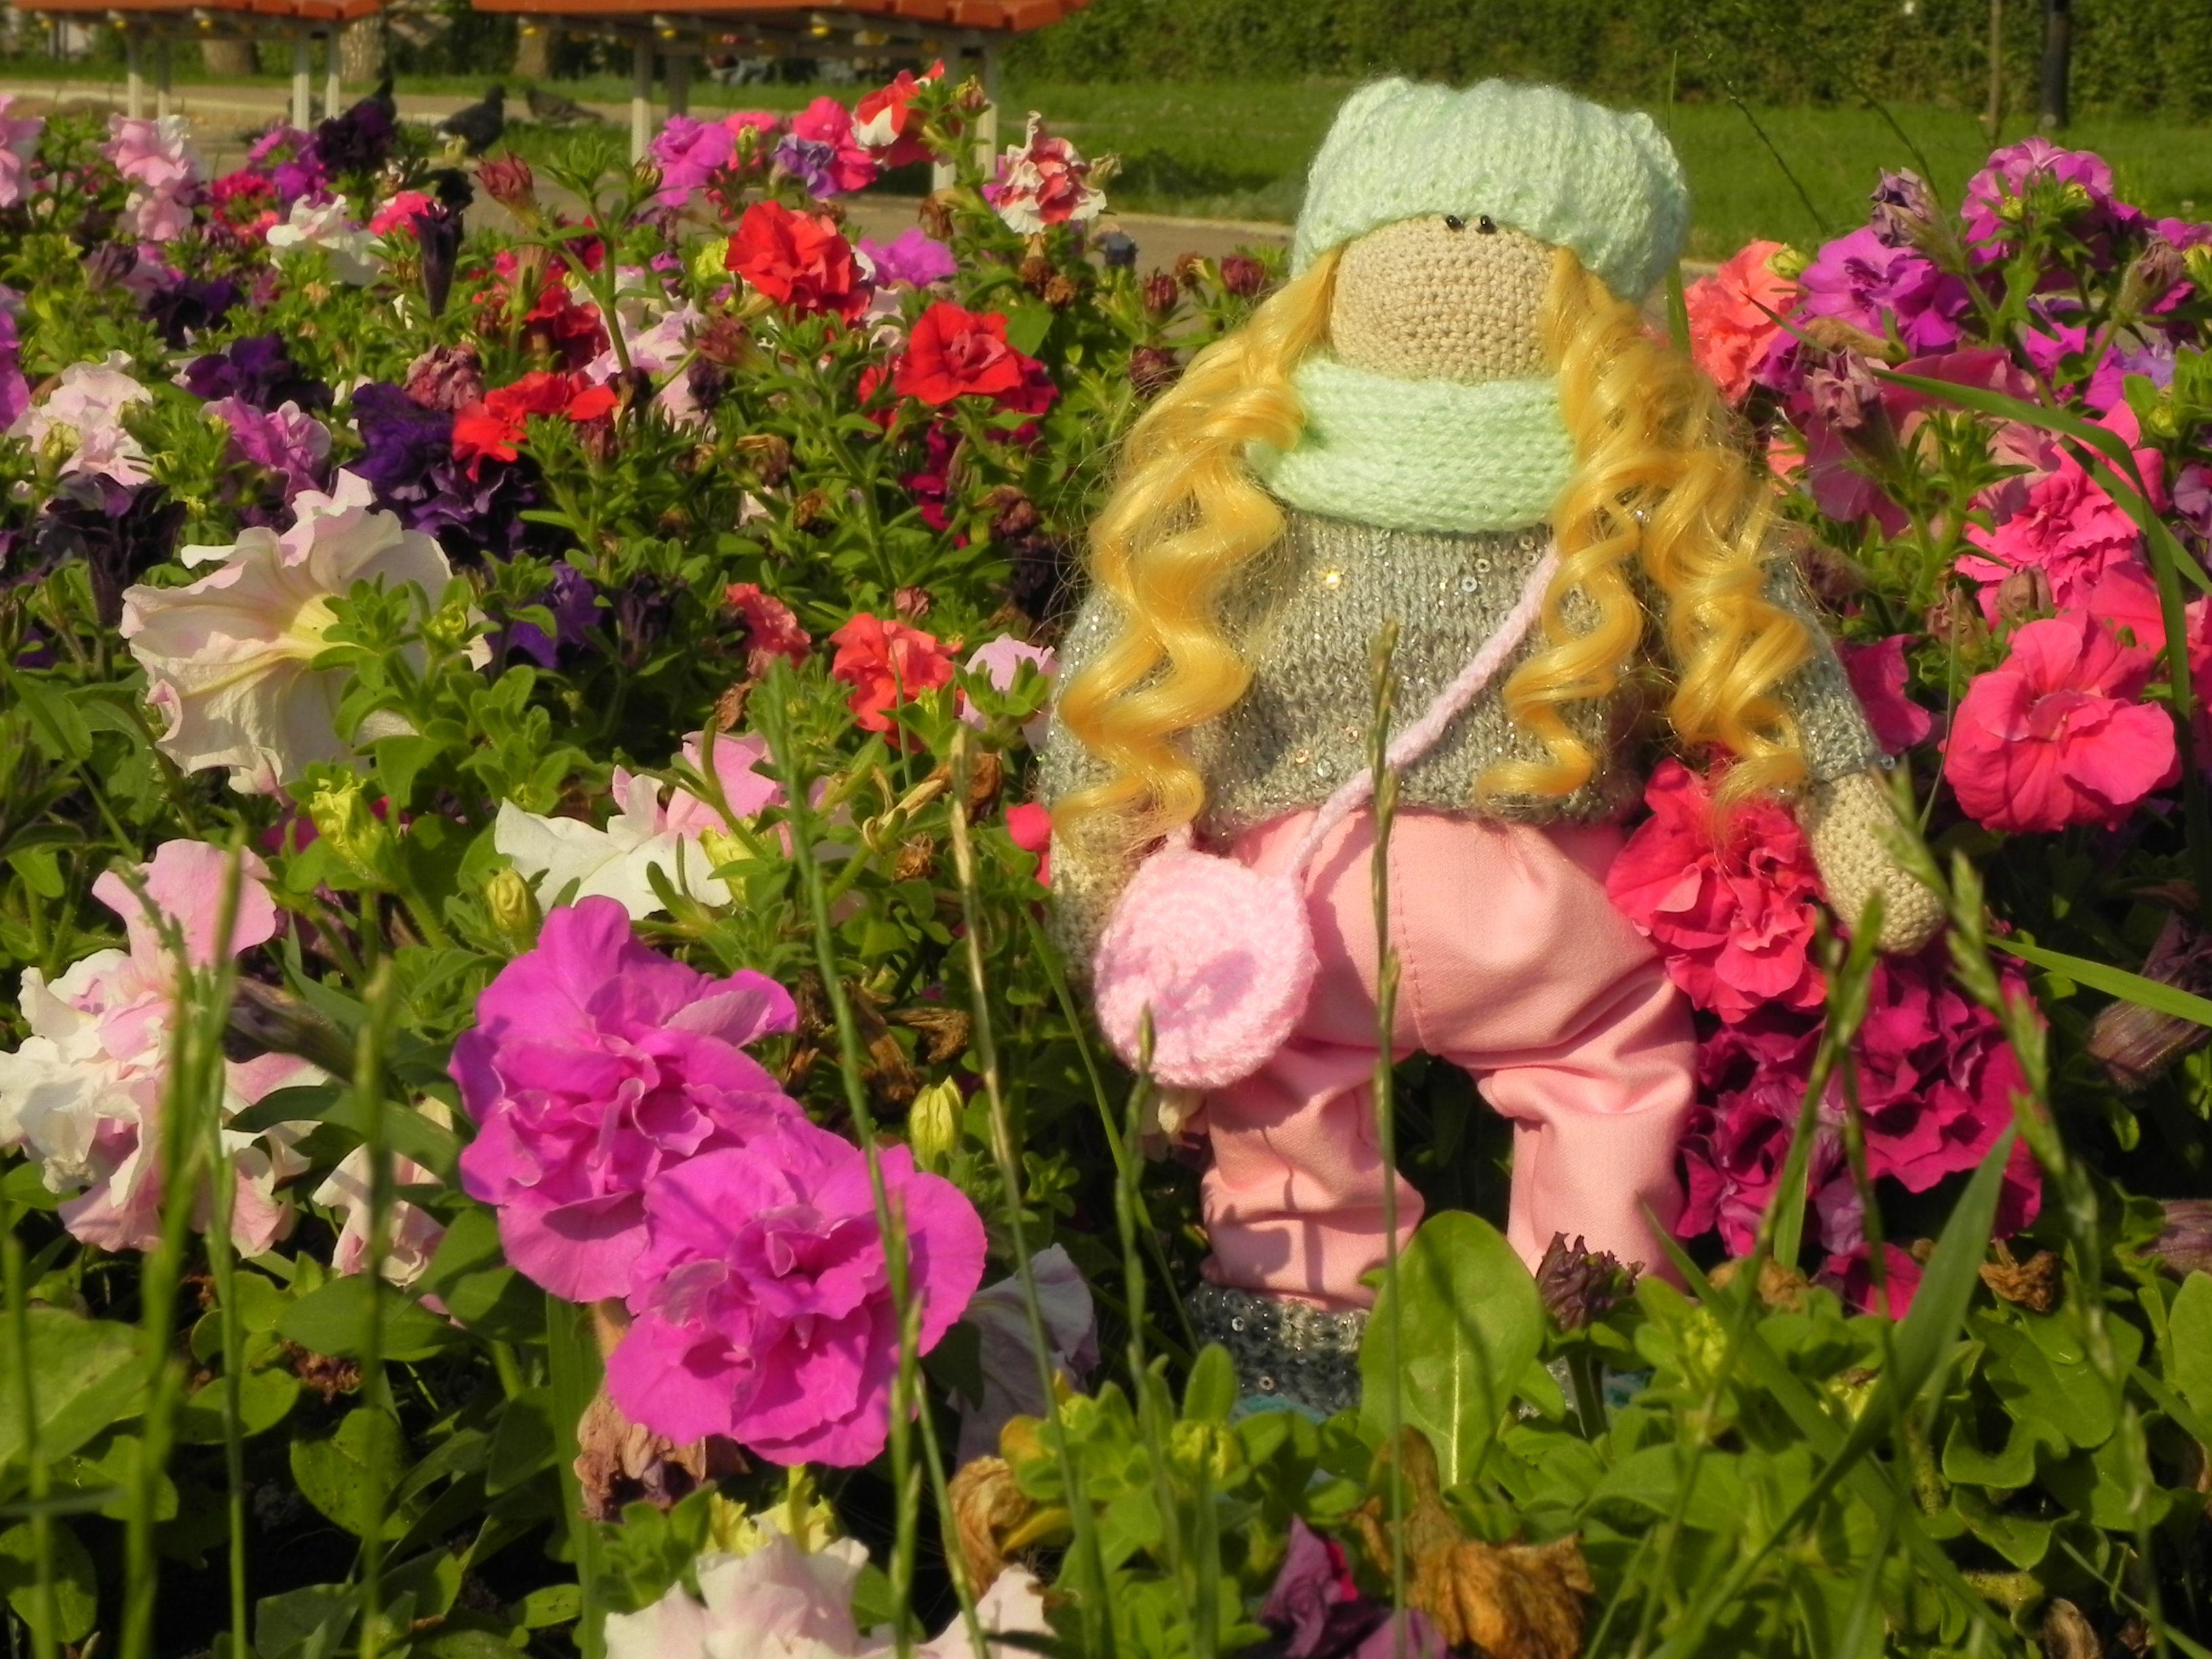 интерьерная женщине игрушка кукла вязание заказ эксклюзивный вязаная подарок